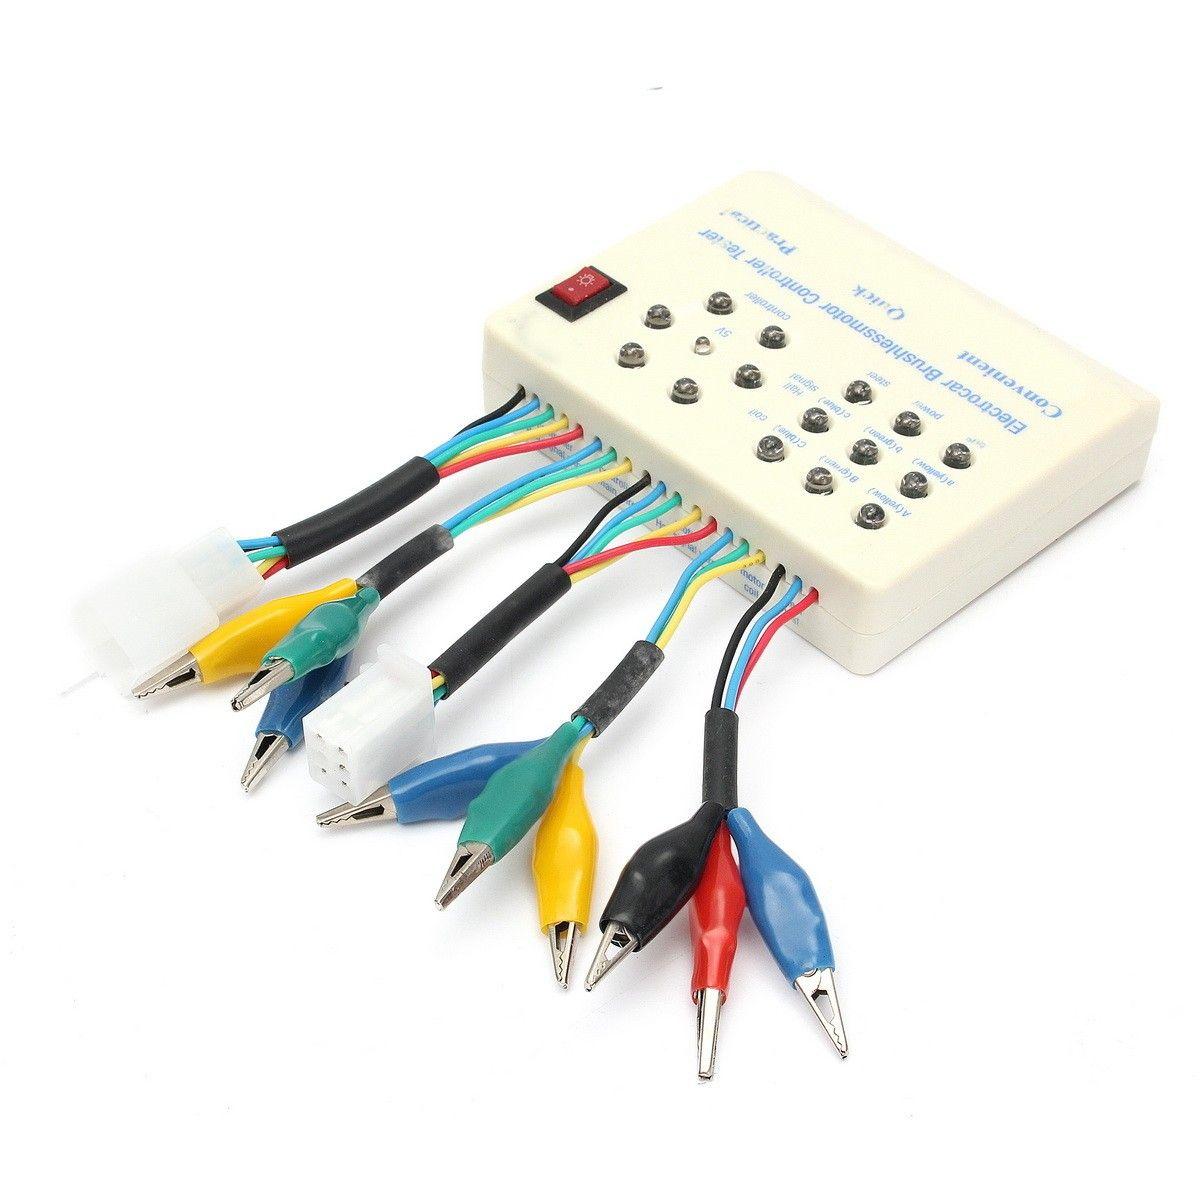 Brushless Controller Testers for Electric Car E-bike Scooter White 24V//36V//48V//60V//72V Motor Brushless RC Car and ESC Tester